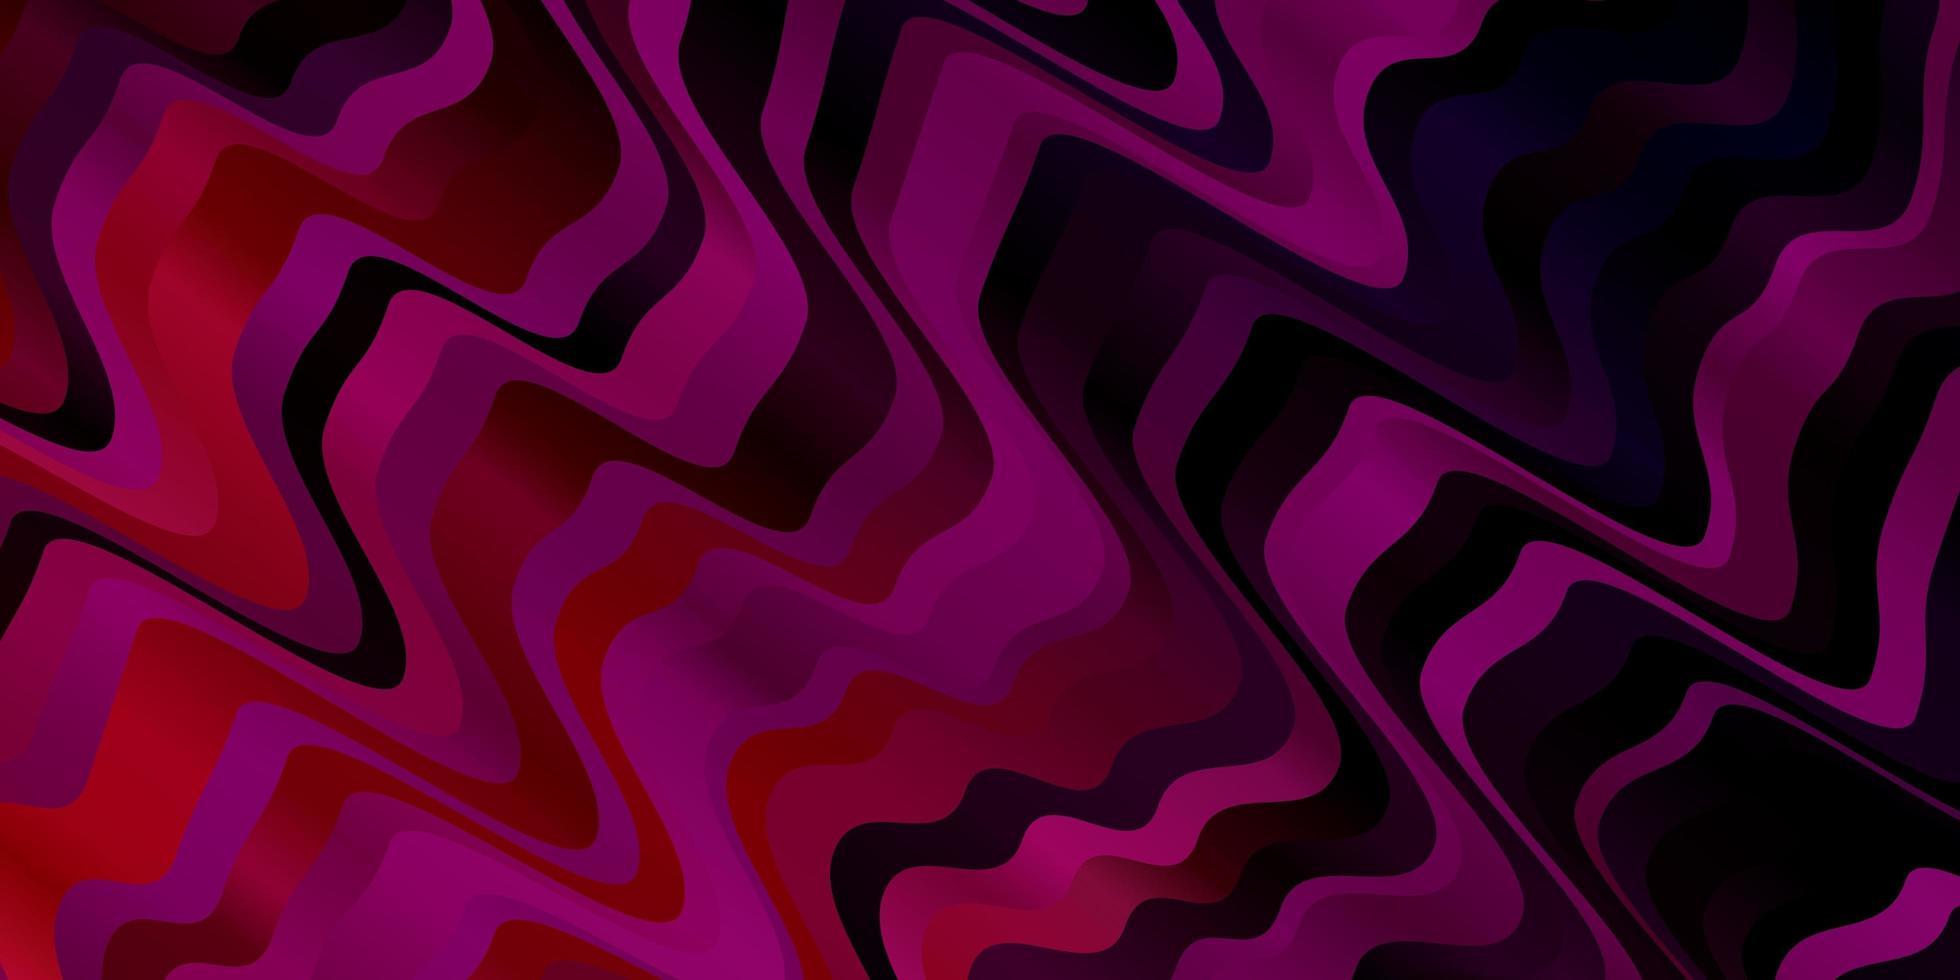 dunkelrosa Vektorhintergrund mit Kreisbogen. vektor